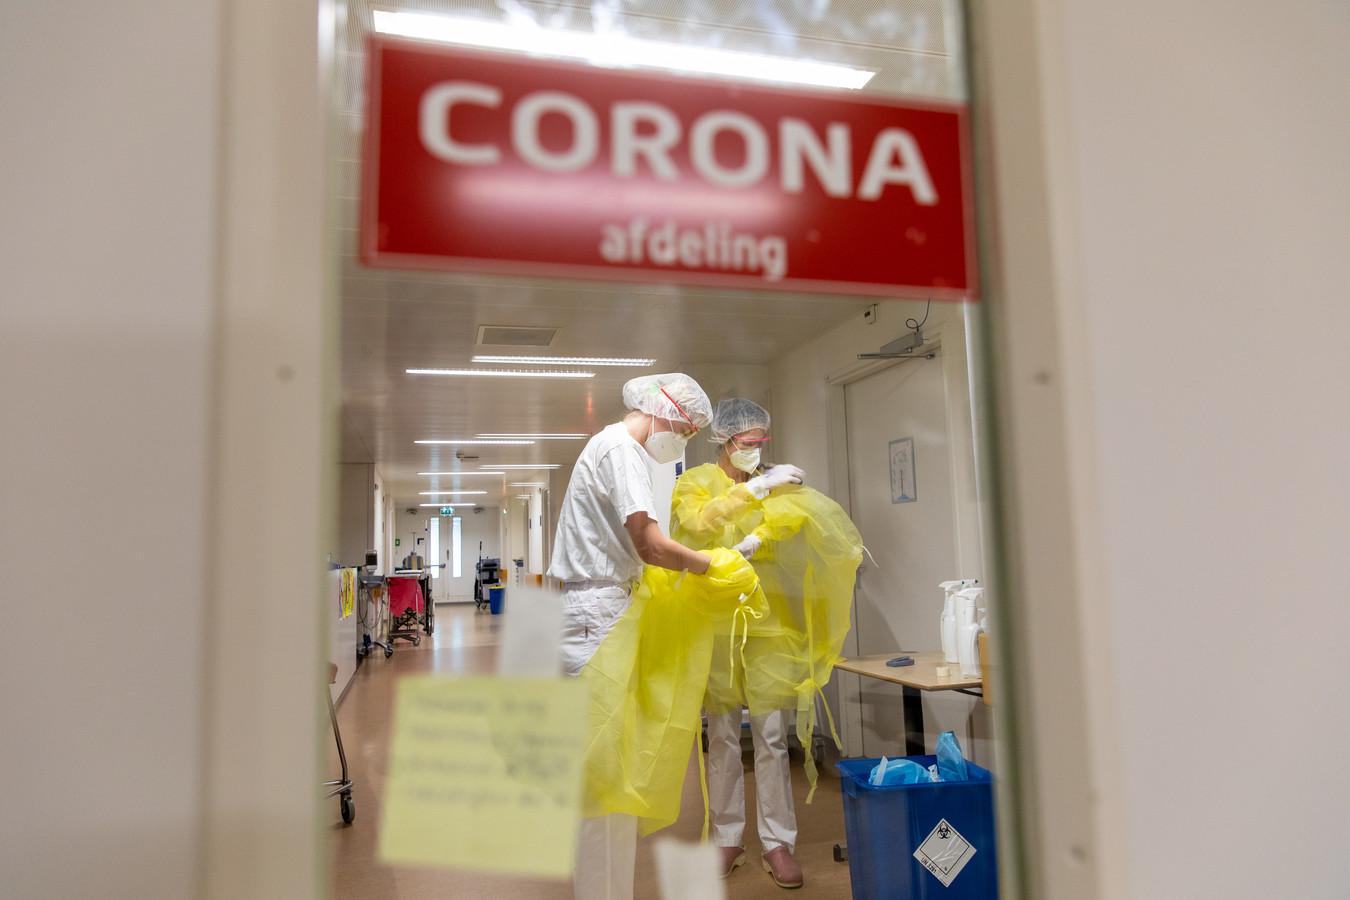 Verpleegkundigen maken zich klaar om de afdeling te verlaten; gele schorten en handschoenen worden uitgetrokken, de rest gaat pas af als ze door de deuren zijn.